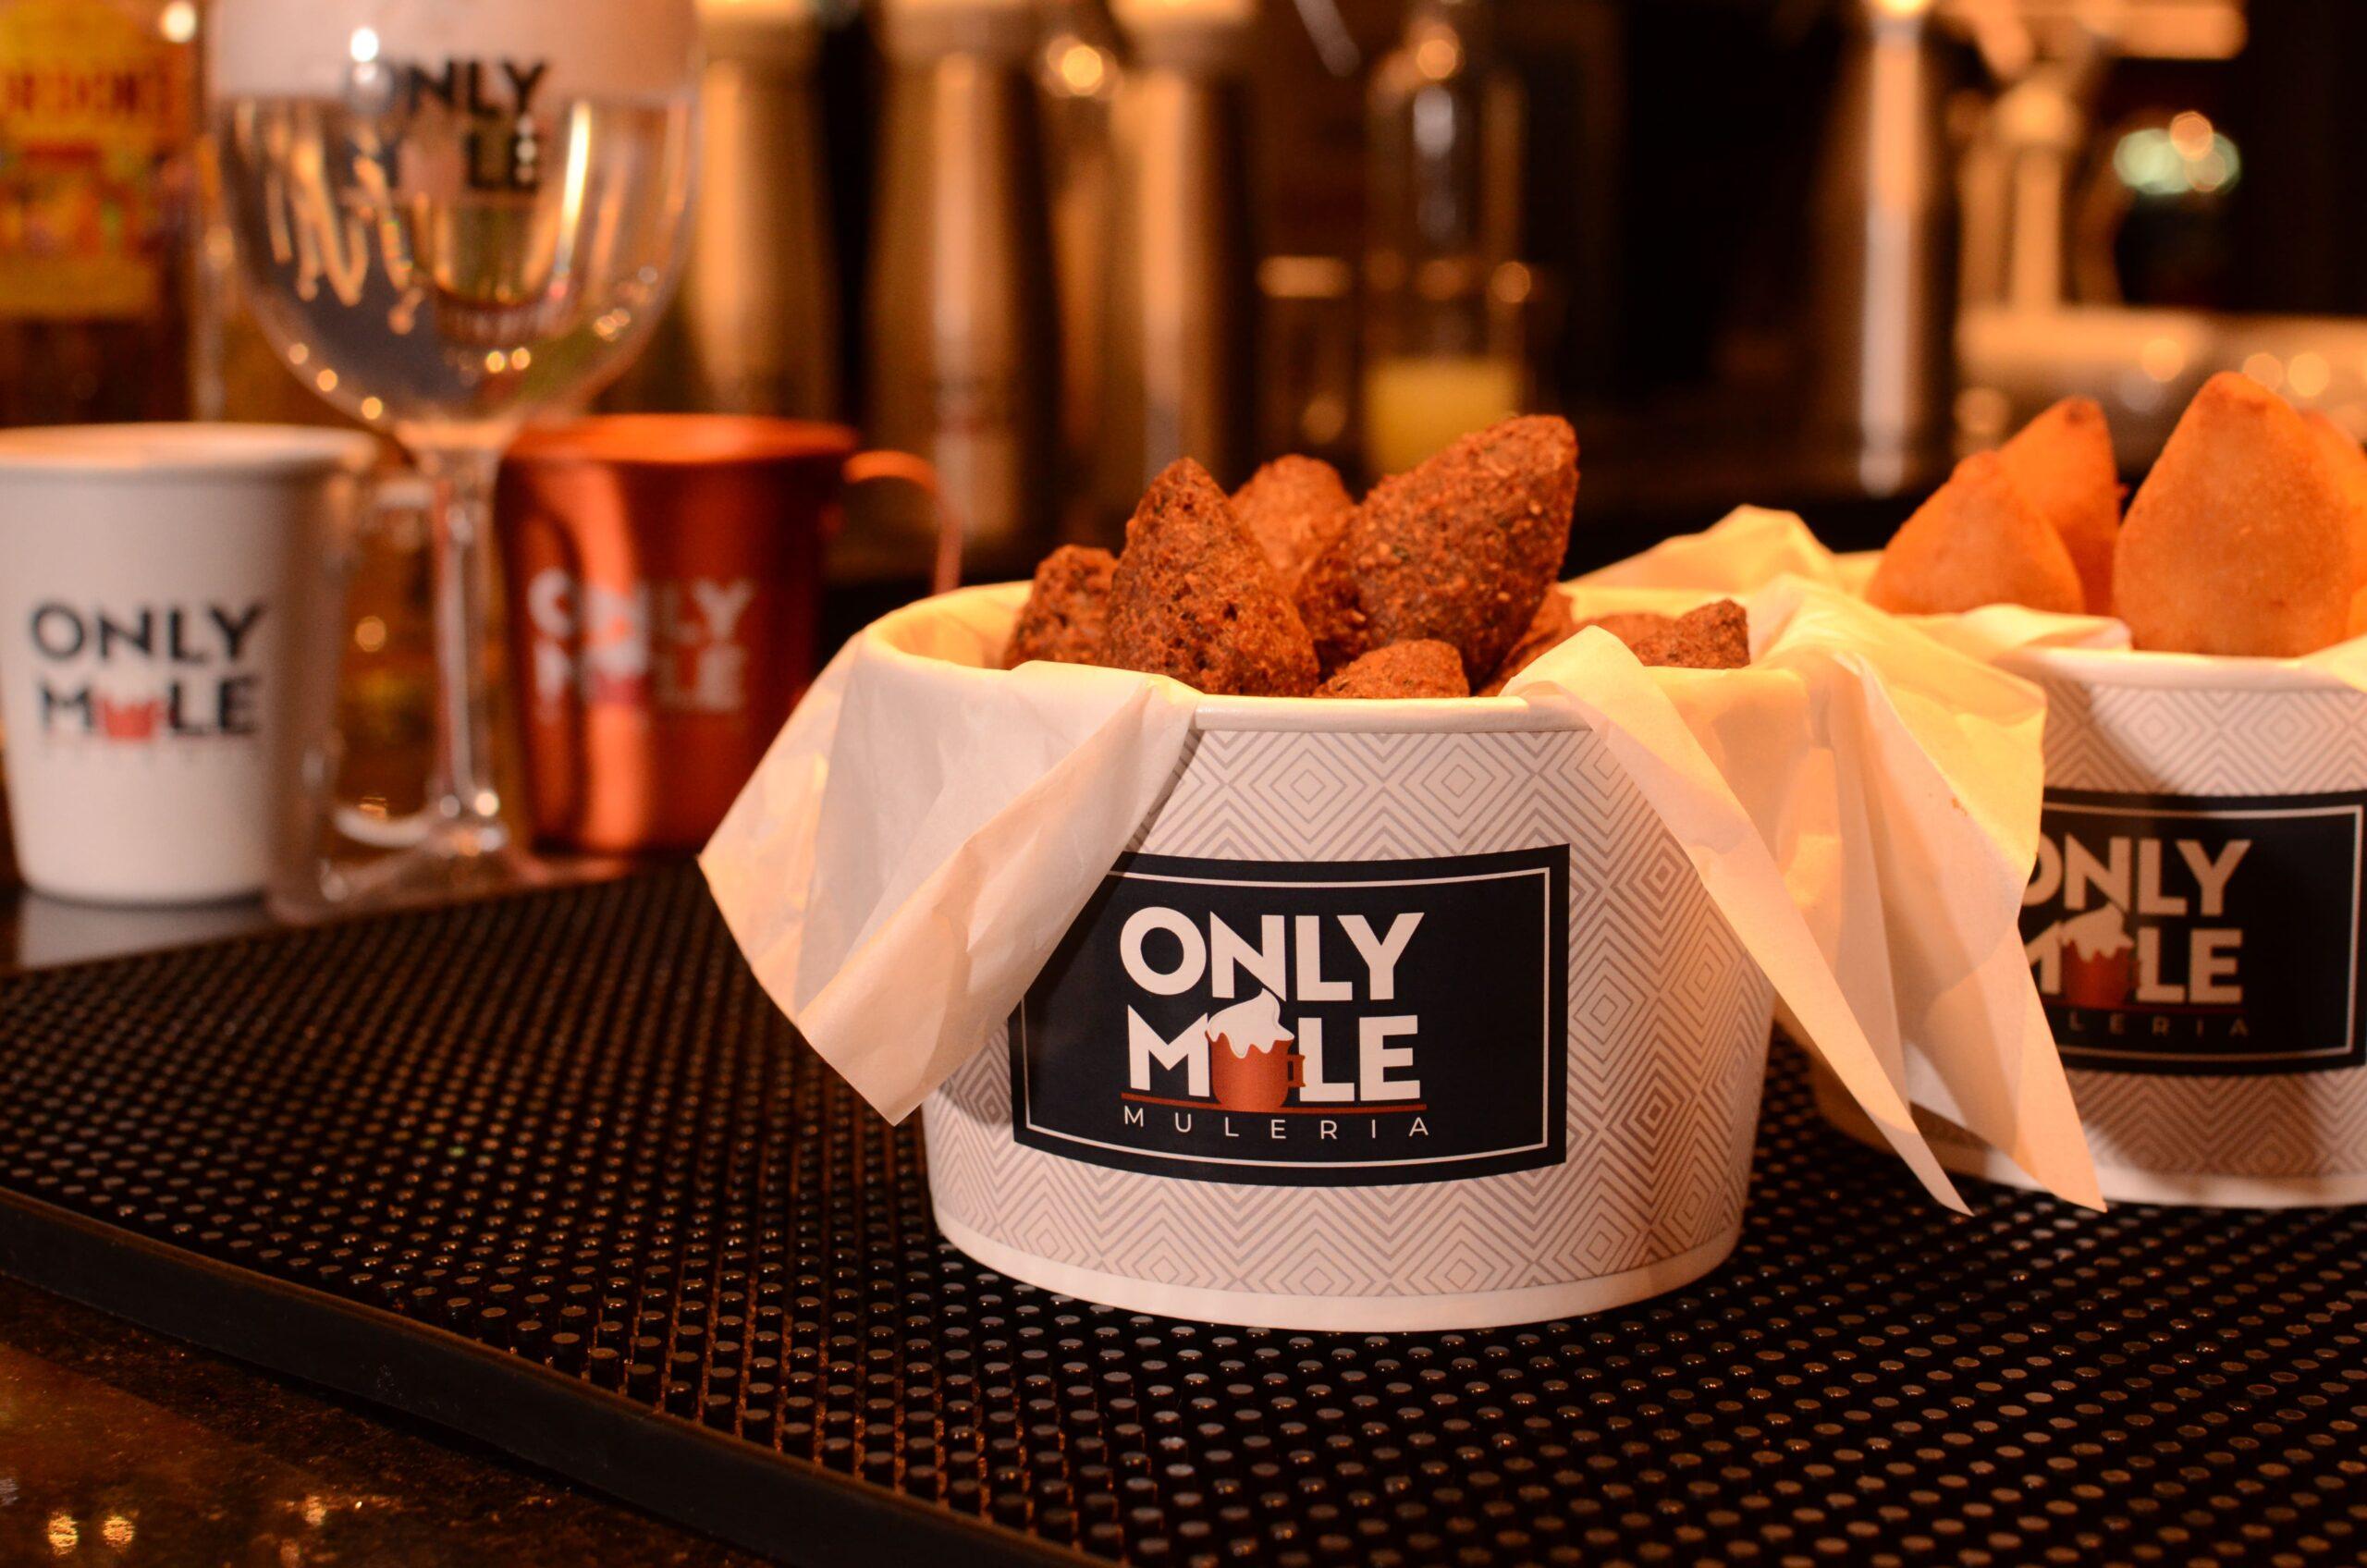 Vemos um balde com salgados (coxinha e kibe frito) com a logo da Only Mule e canecas ao fundo (imagem ilustrativa). Texto: franquia Only Mule.